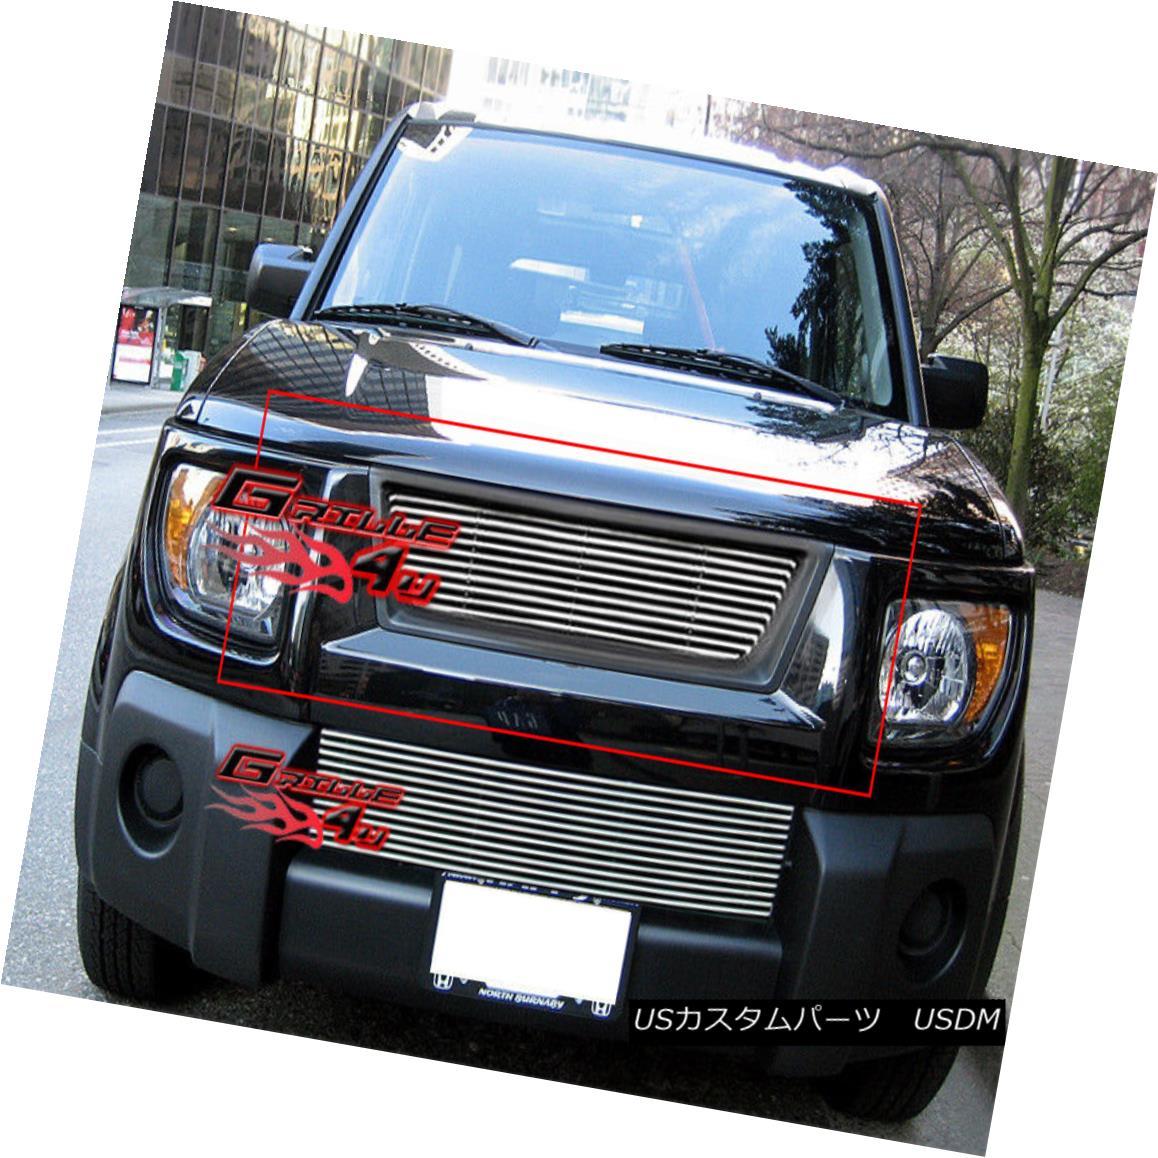 グリル Fits 2003-2006 Honda Element Main Upper Billet Grille Insert フィット2003-2006ホンダエレメントメインアッパービレットグリルインサート